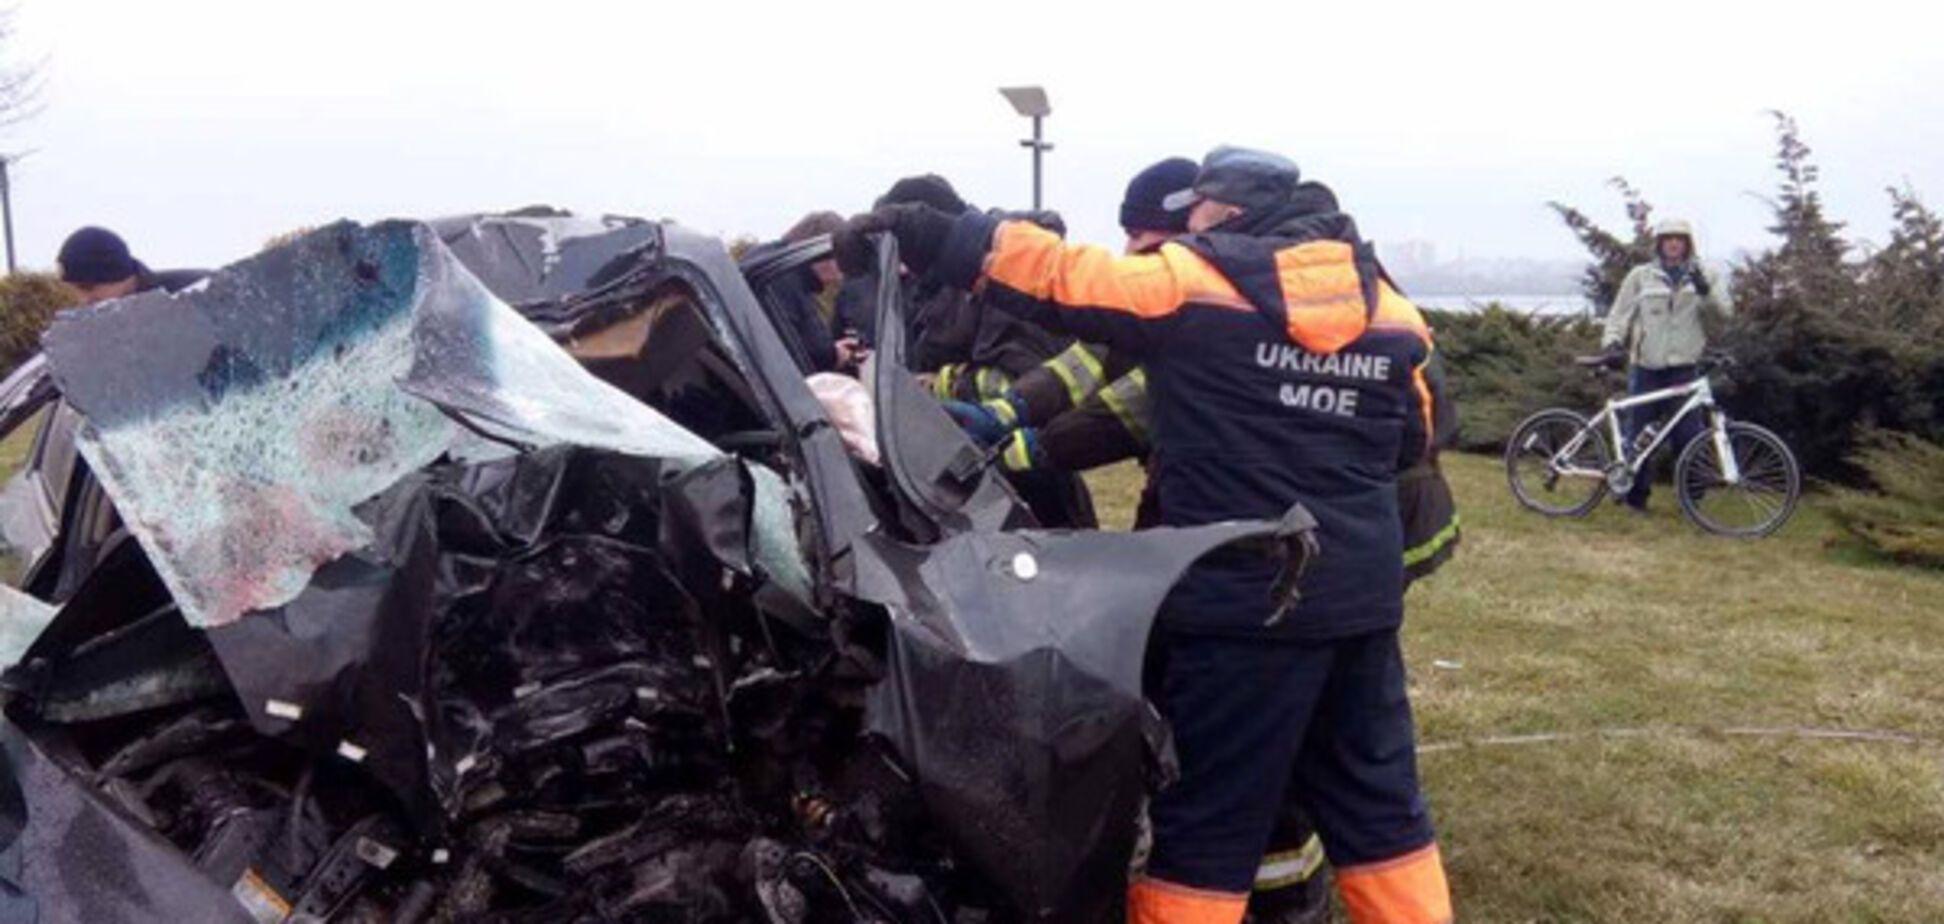 В Днепре произошло жуткое ДТП: три жертвы и один пострадавший